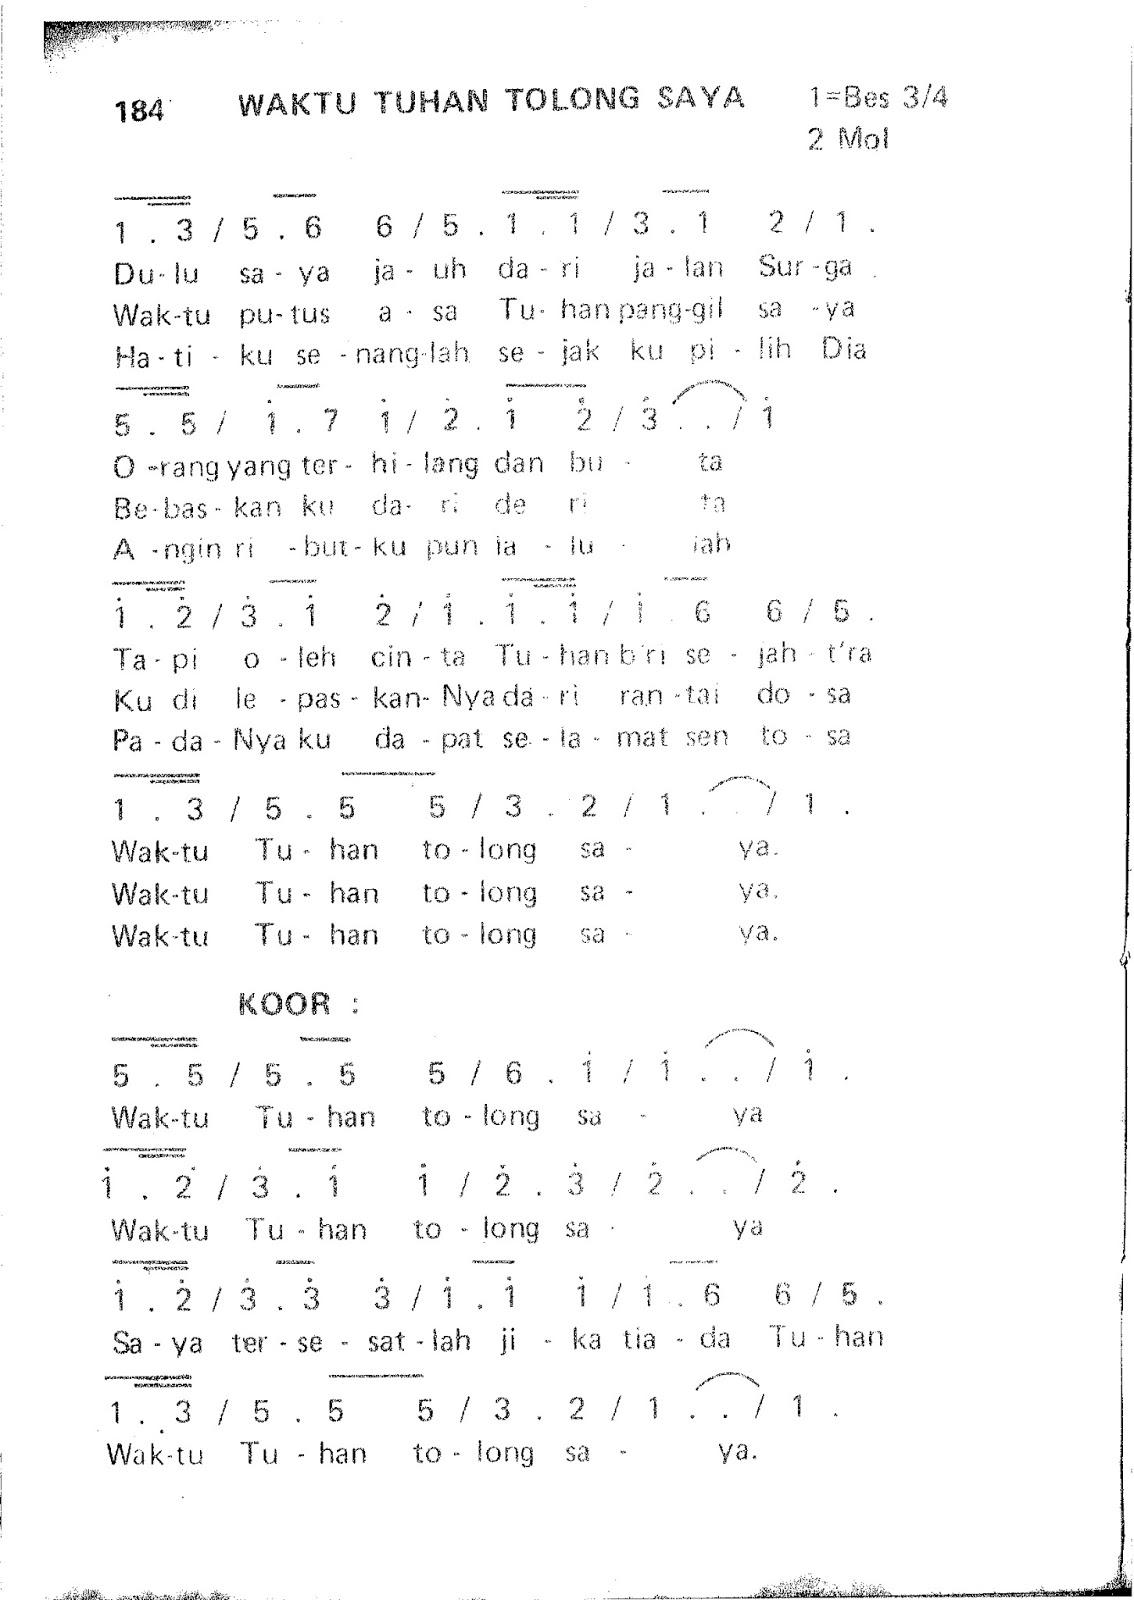 Lirik Lagu Waktu Tuhan Bukan Waktu Kita : lirik, waktu, tuhan, bukan, Lirik, Waktu, Tuhan, Bukan